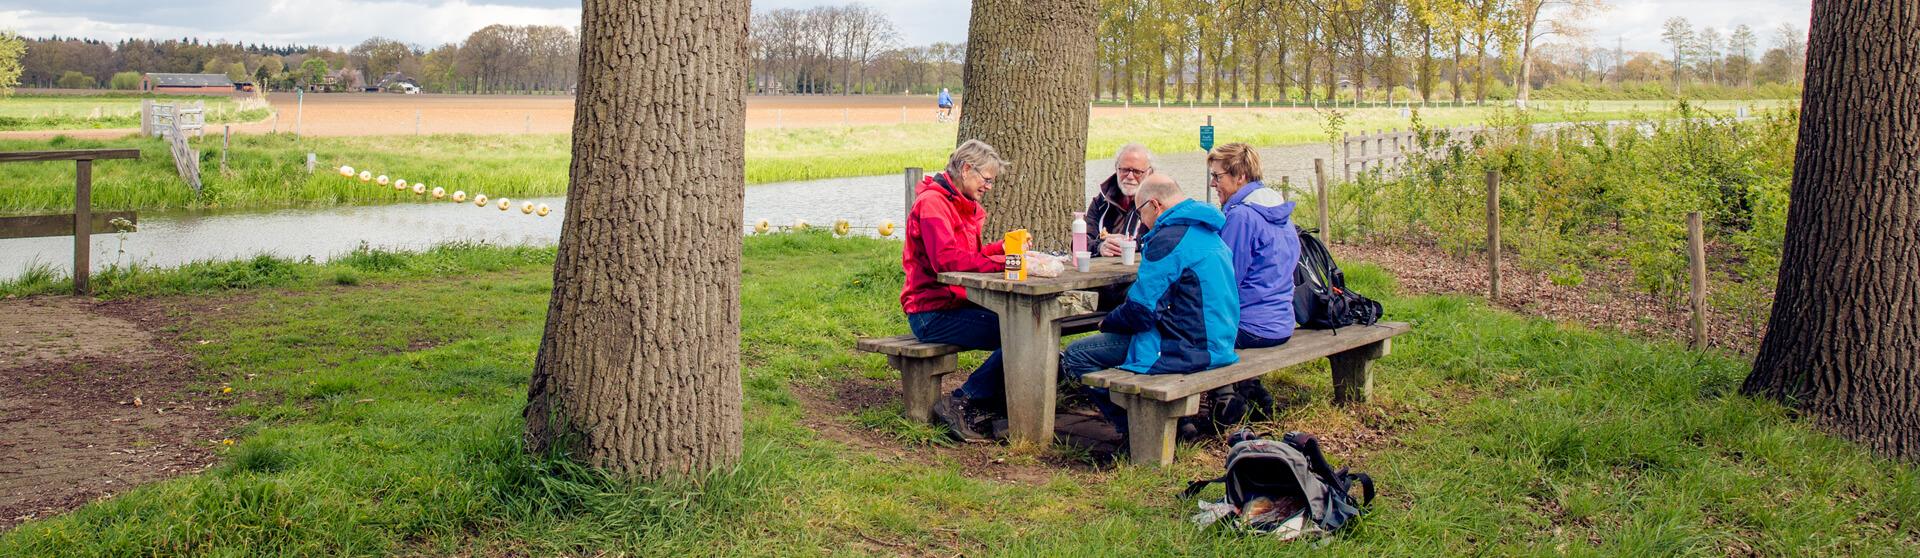 mensen die drinken koffie aan de picknicktafel langs de rivier de Berkel.